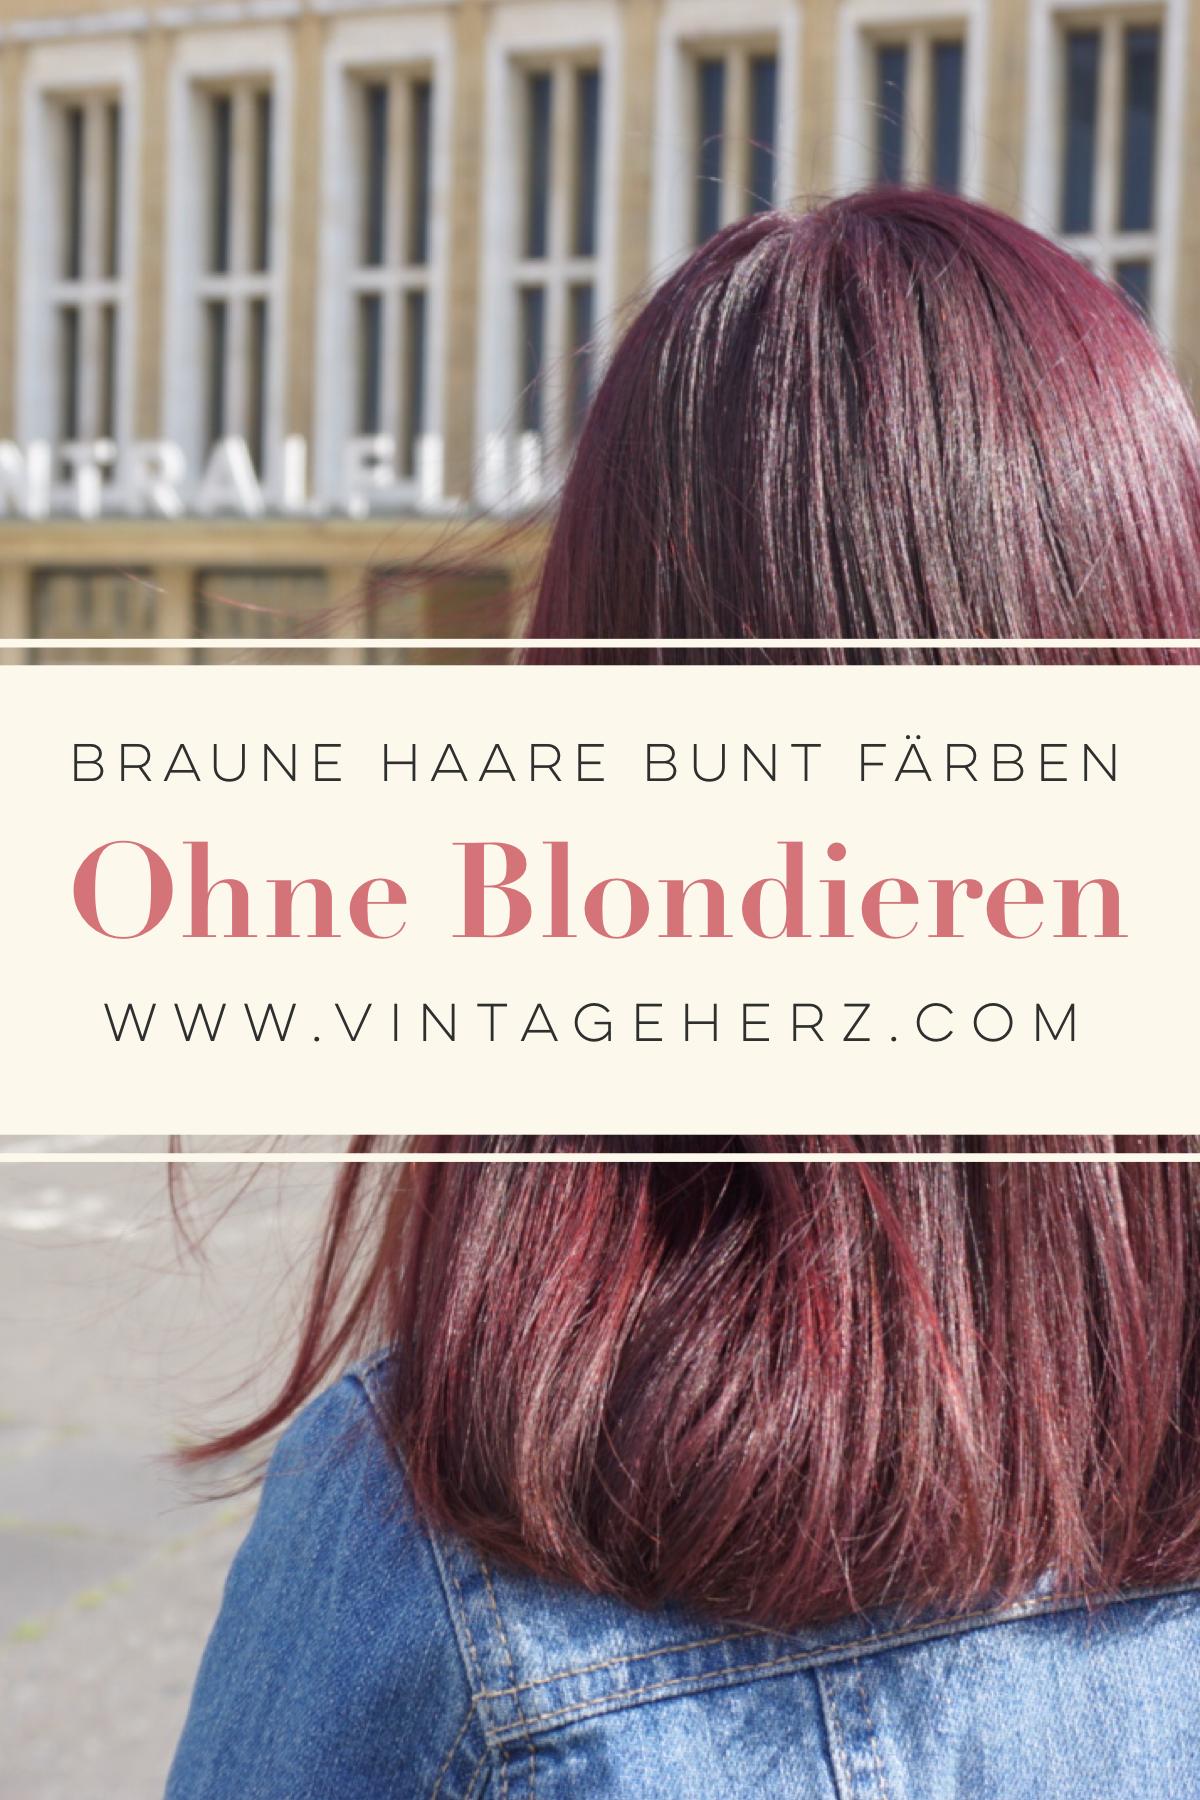 Dunkle Und Braune Haaren Mit Directions Bunt Färben Ohne Blondieren